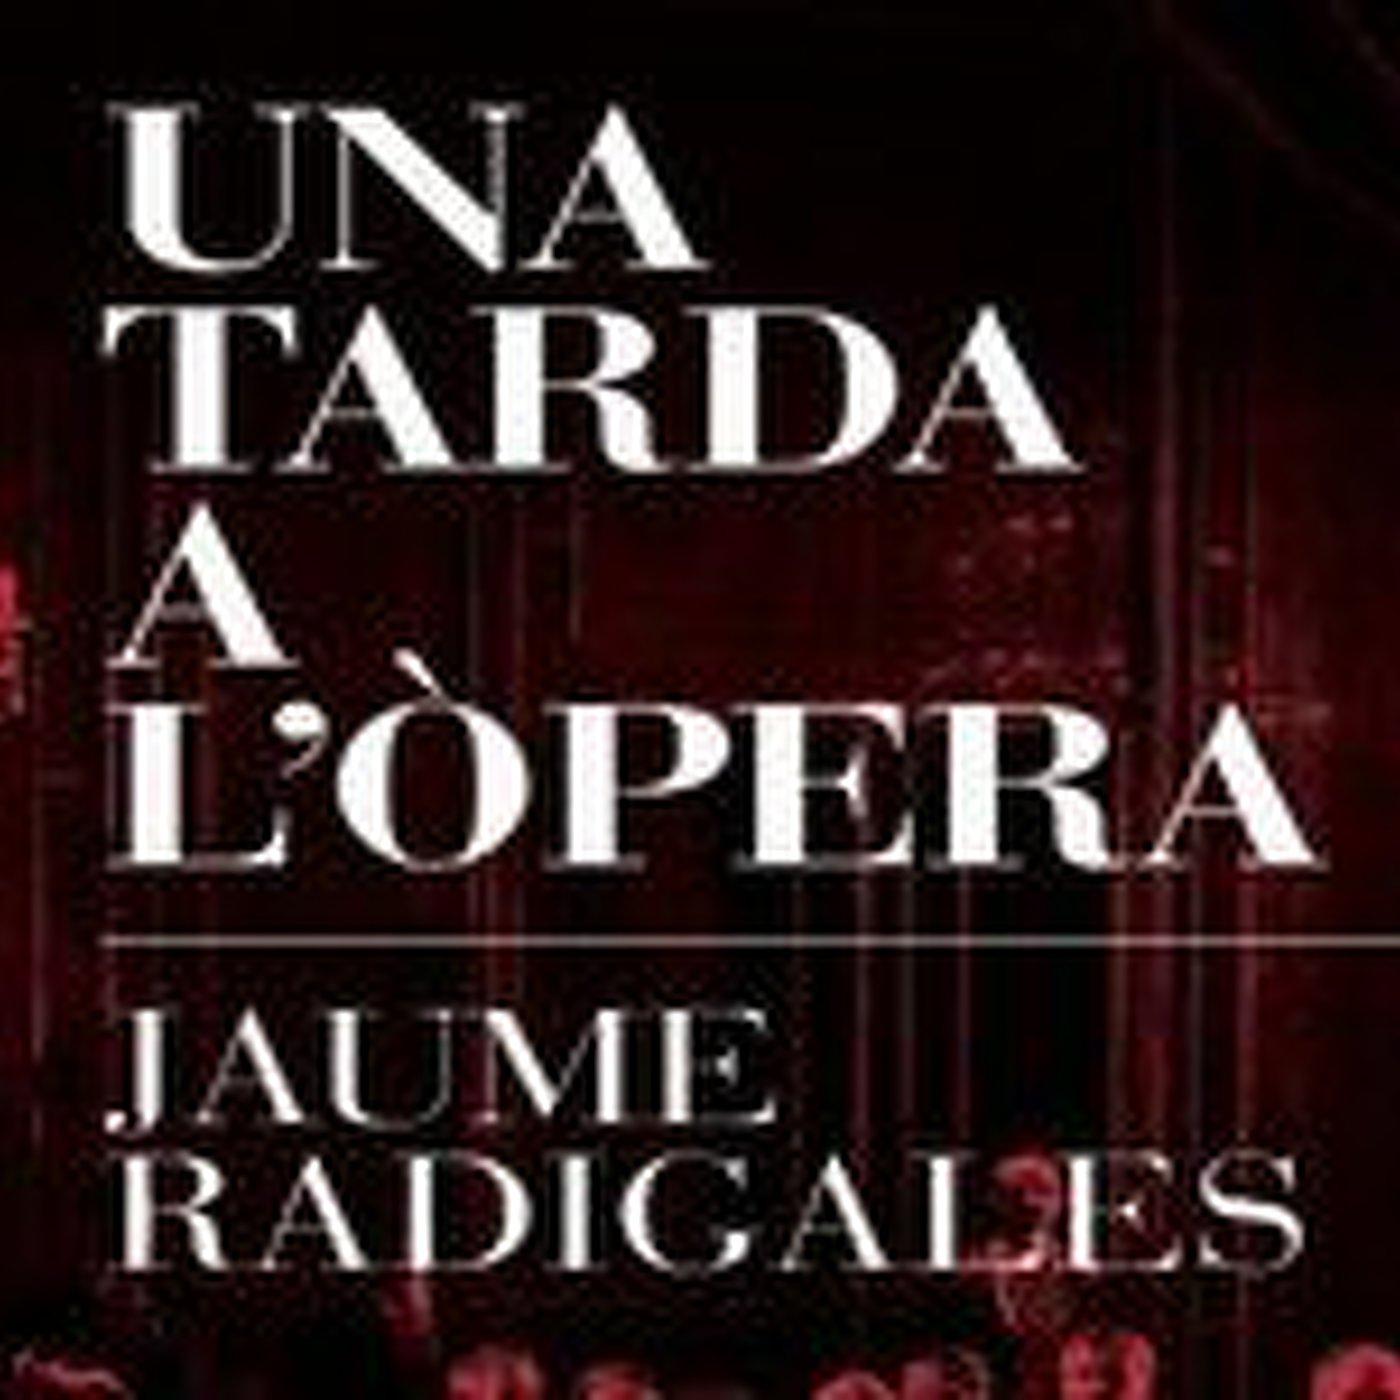 Jaume Radigales parla del llibre 'Una tarda a l'òpera'